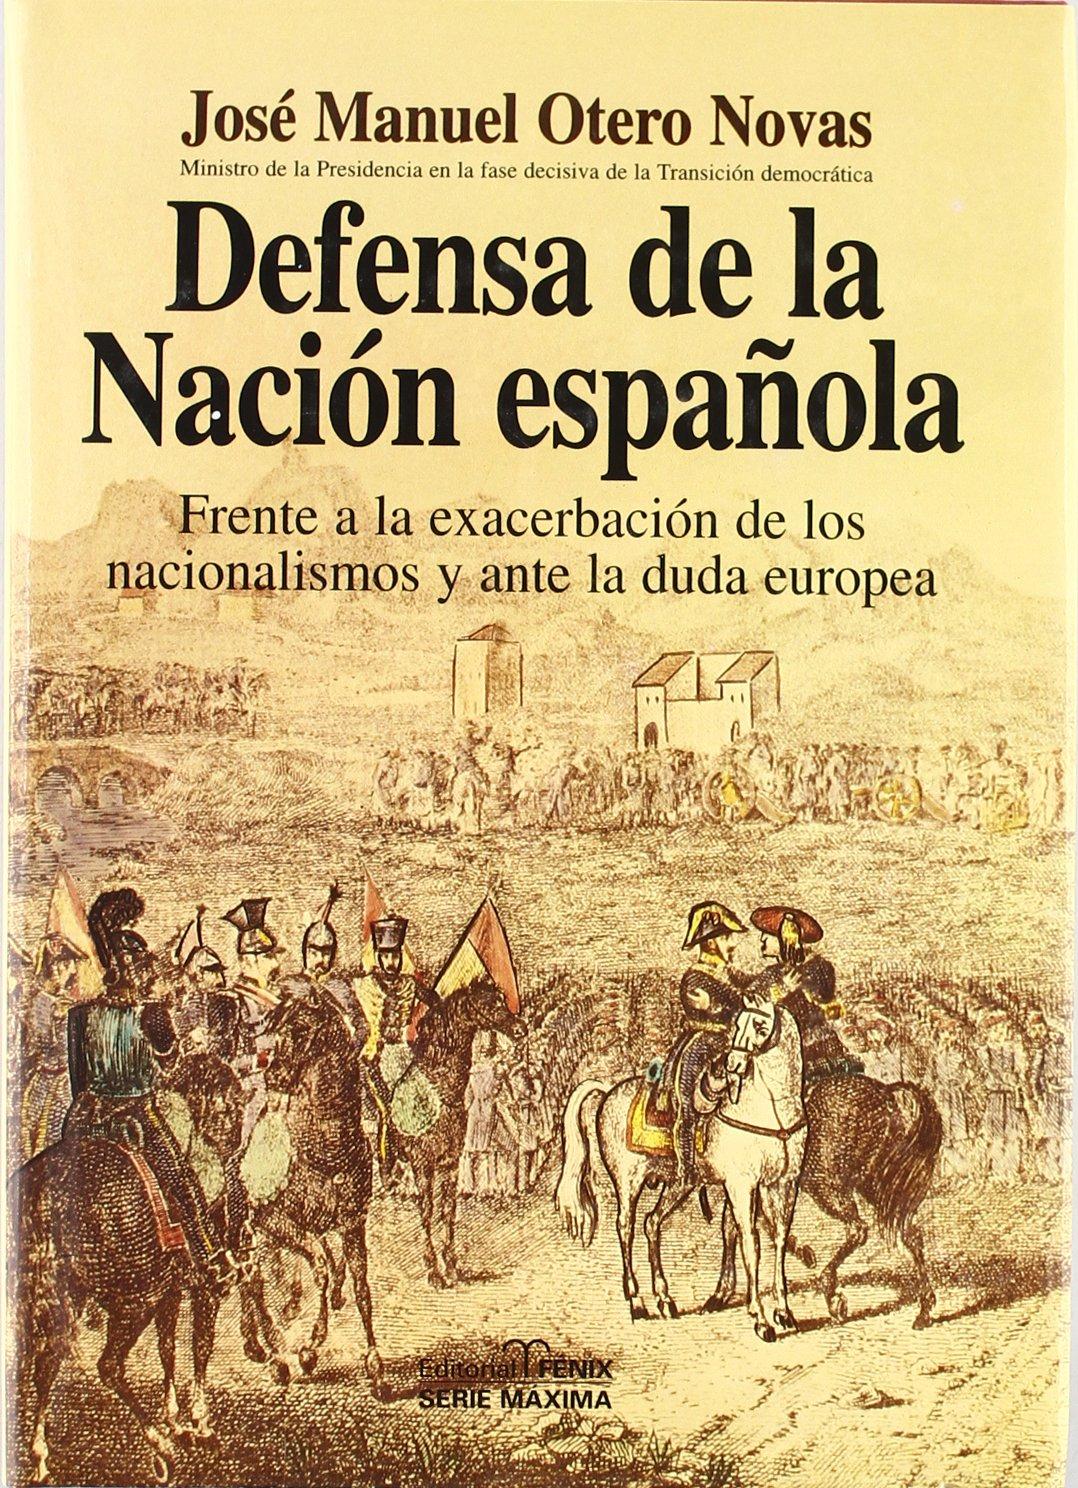 Defensa de la nación española : frente a la exacerbación de los nacionalismos y ante la duda europea Série Máxima: Amazon.es: Otero Novas, Jose Manuel: Libros